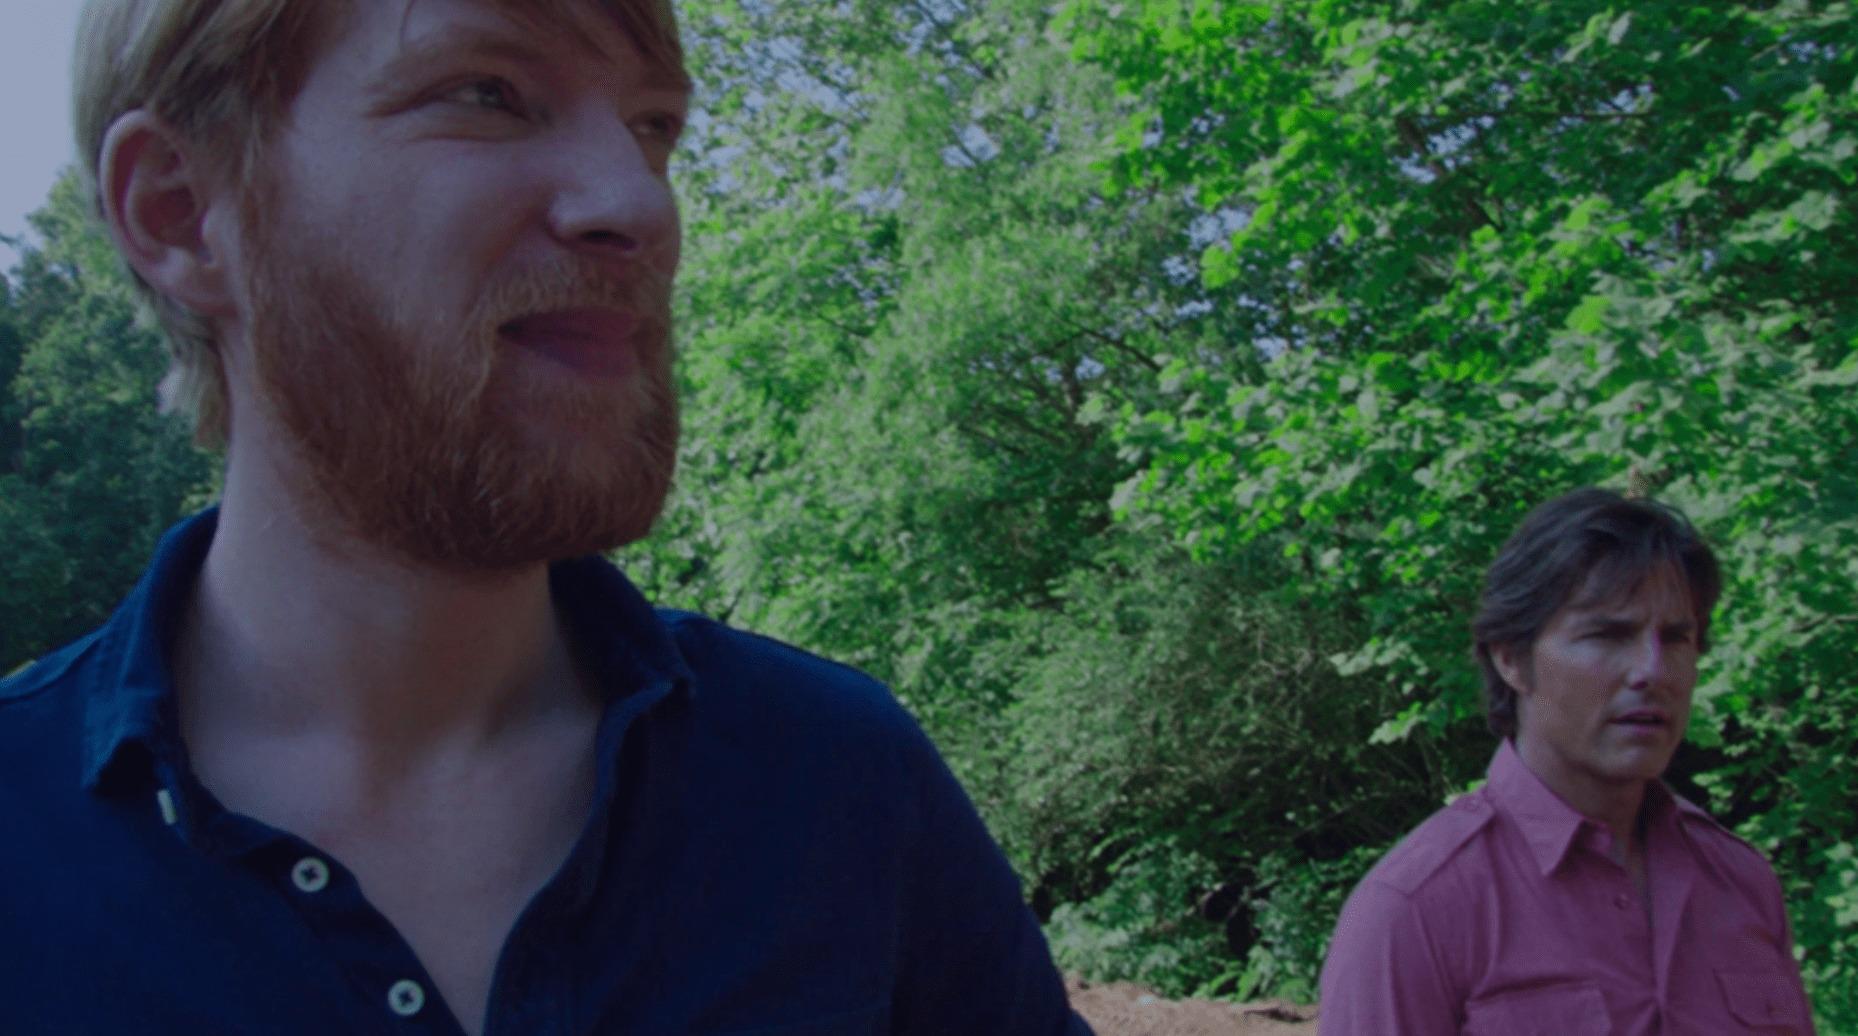 バリー・シール/アメリカをはめた男を無料動画でネタバレ紹介する記事